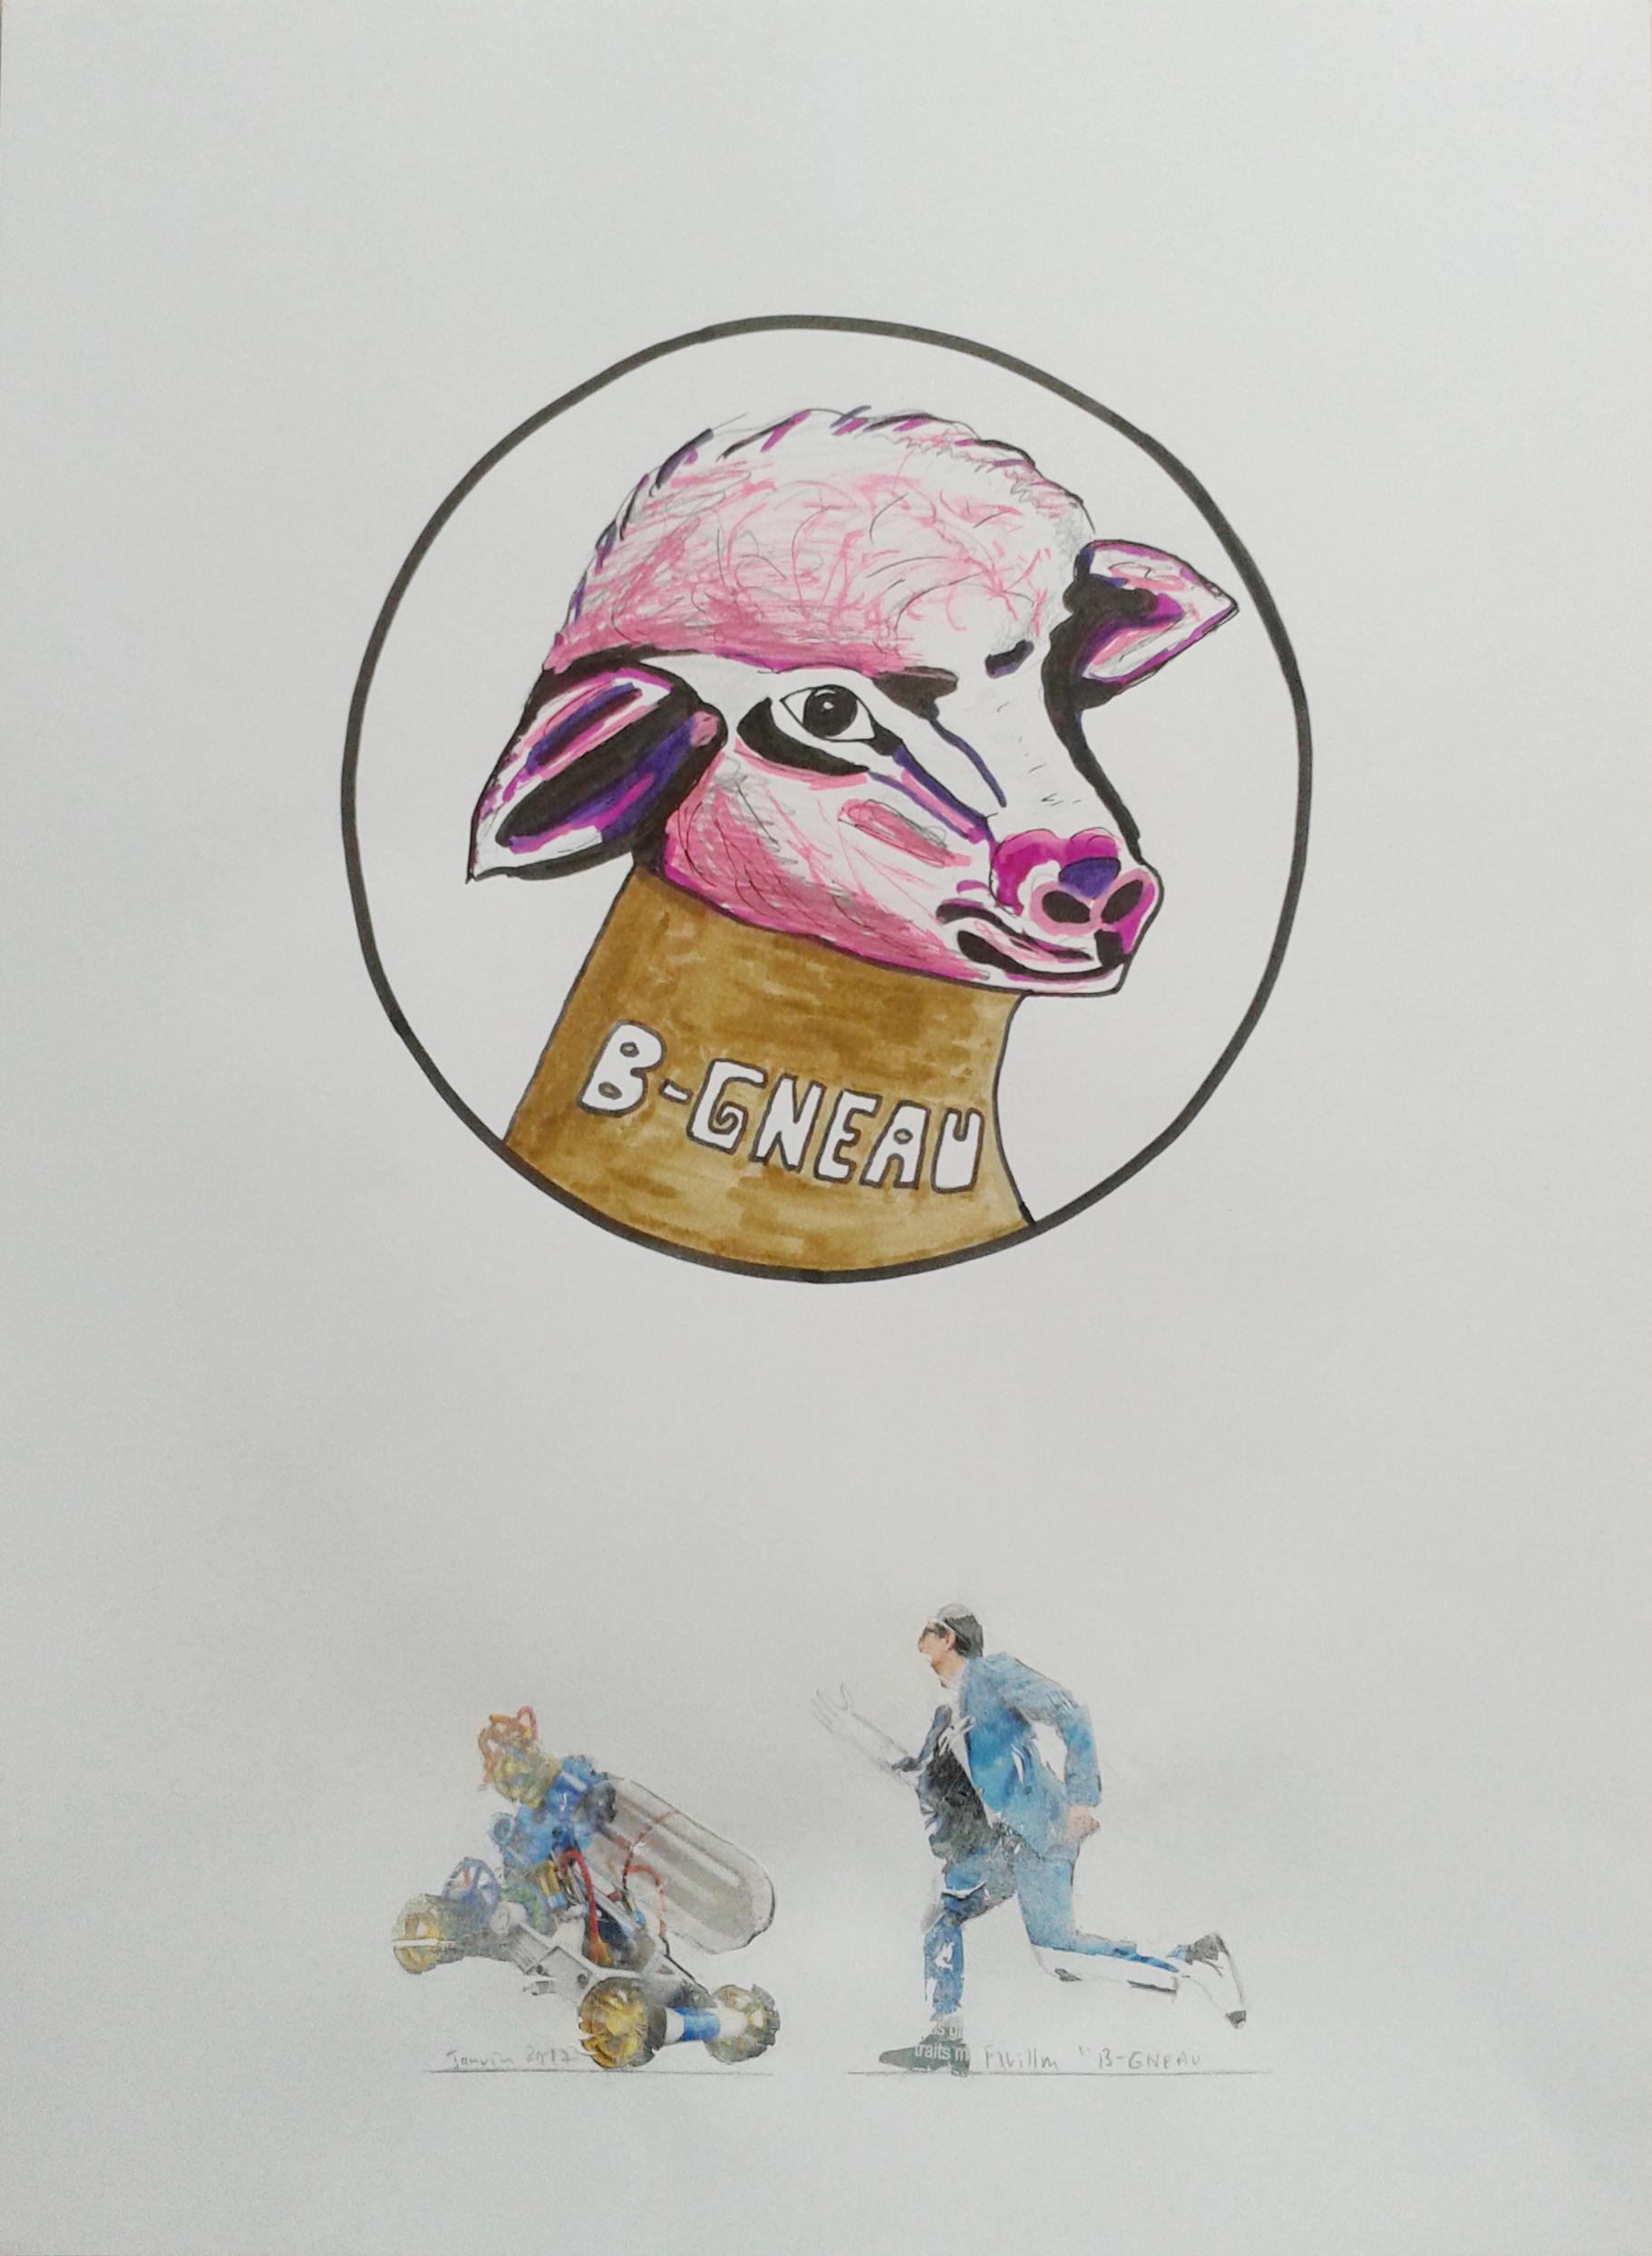 Détail 1, B-Gneau